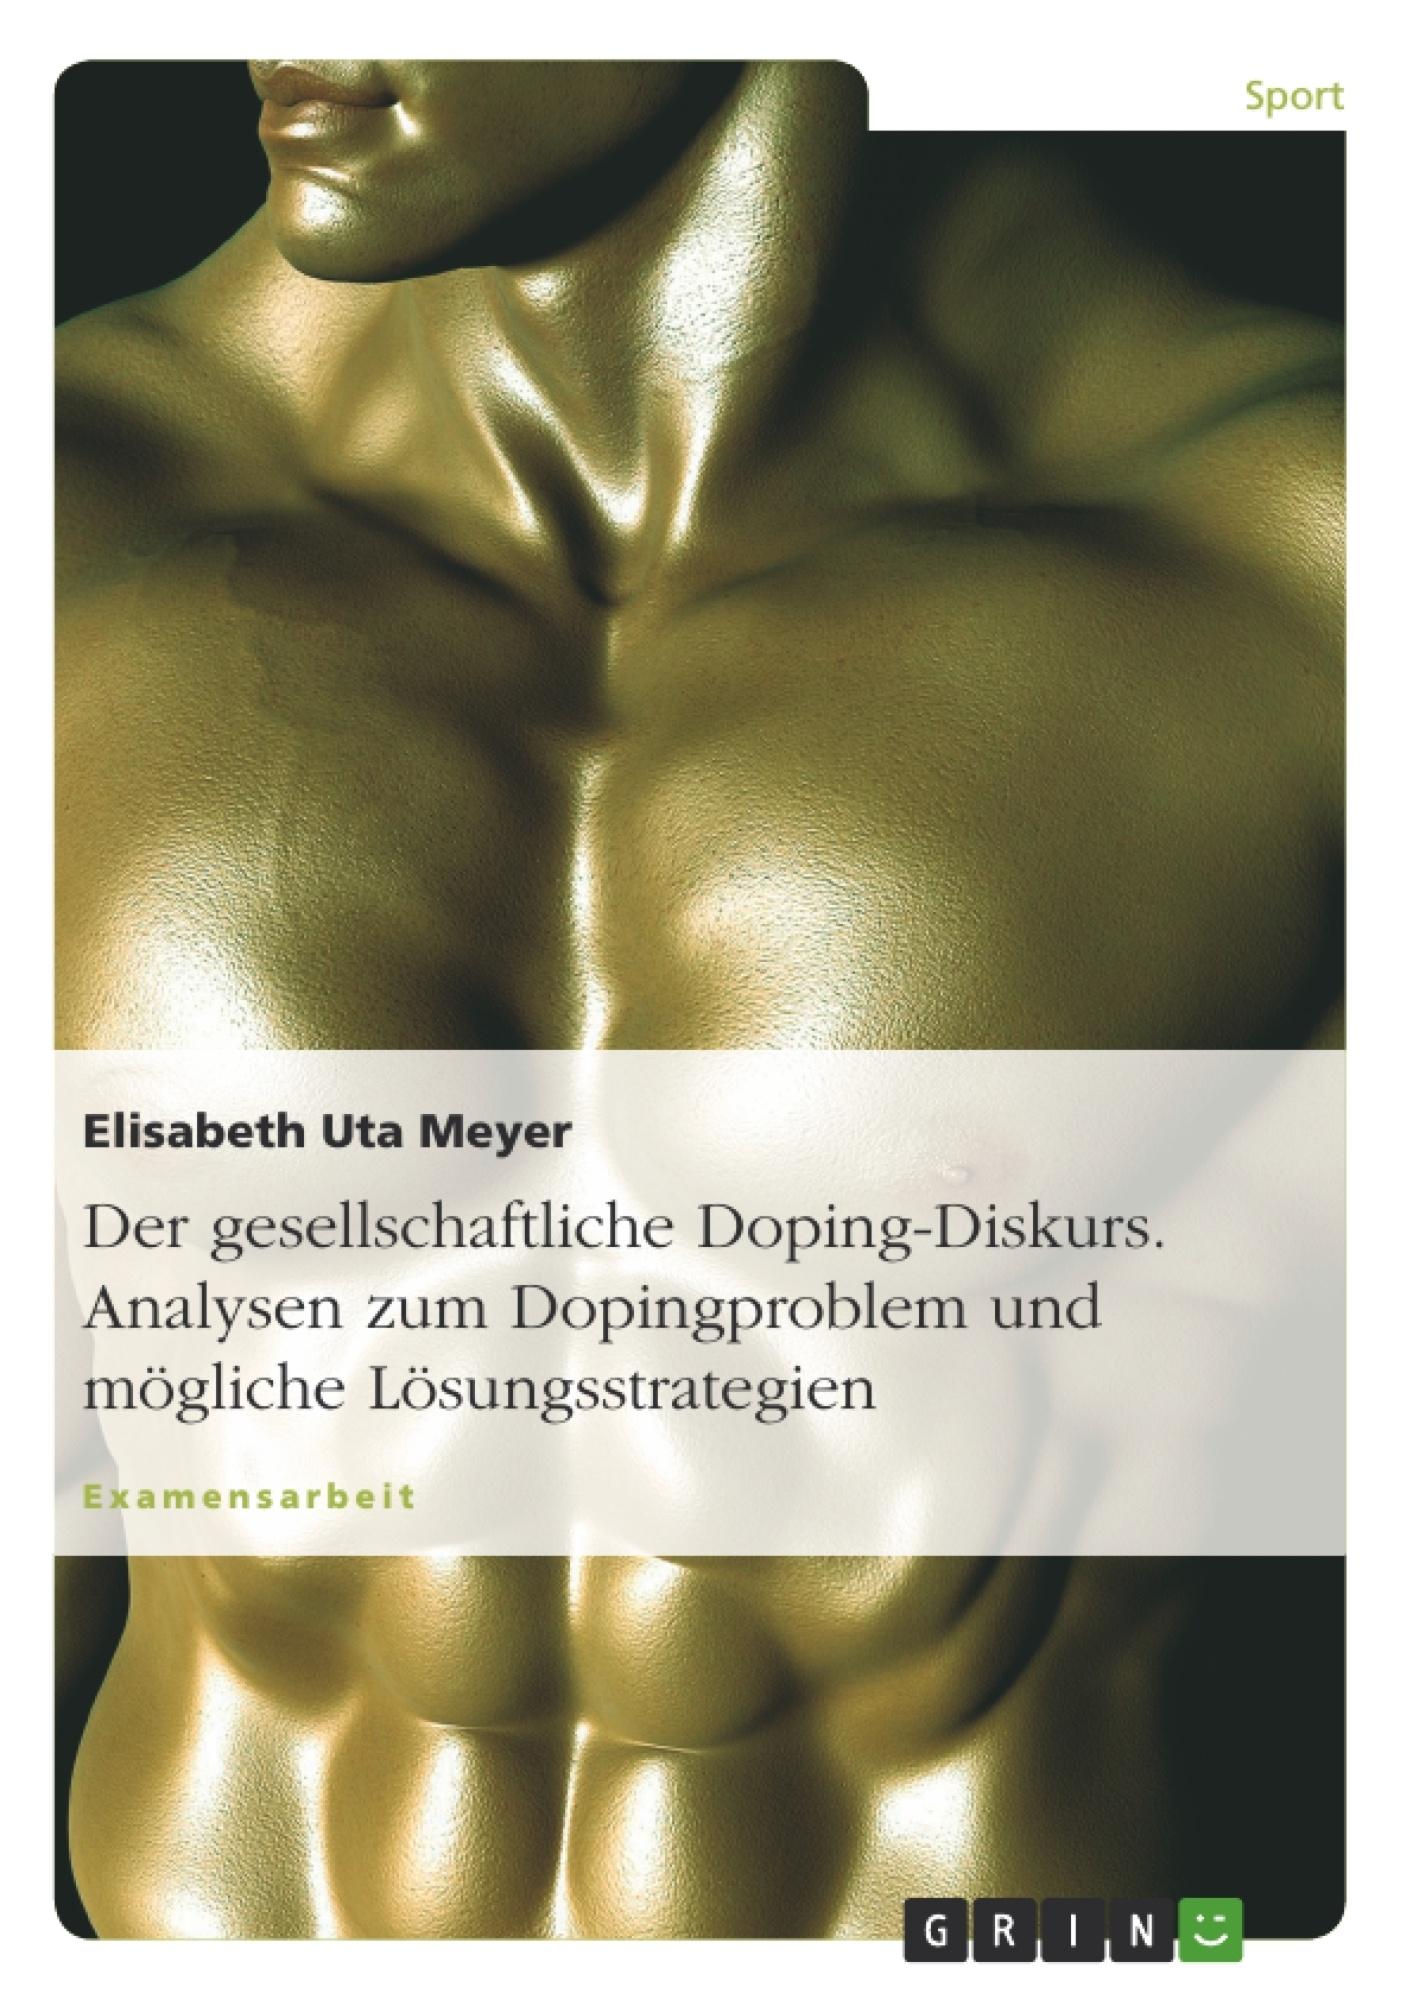 Titel: Der gesellschaftliche Doping-Diskurs. Analysen zum Dopingproblem und mögliche Lösungsstrategien